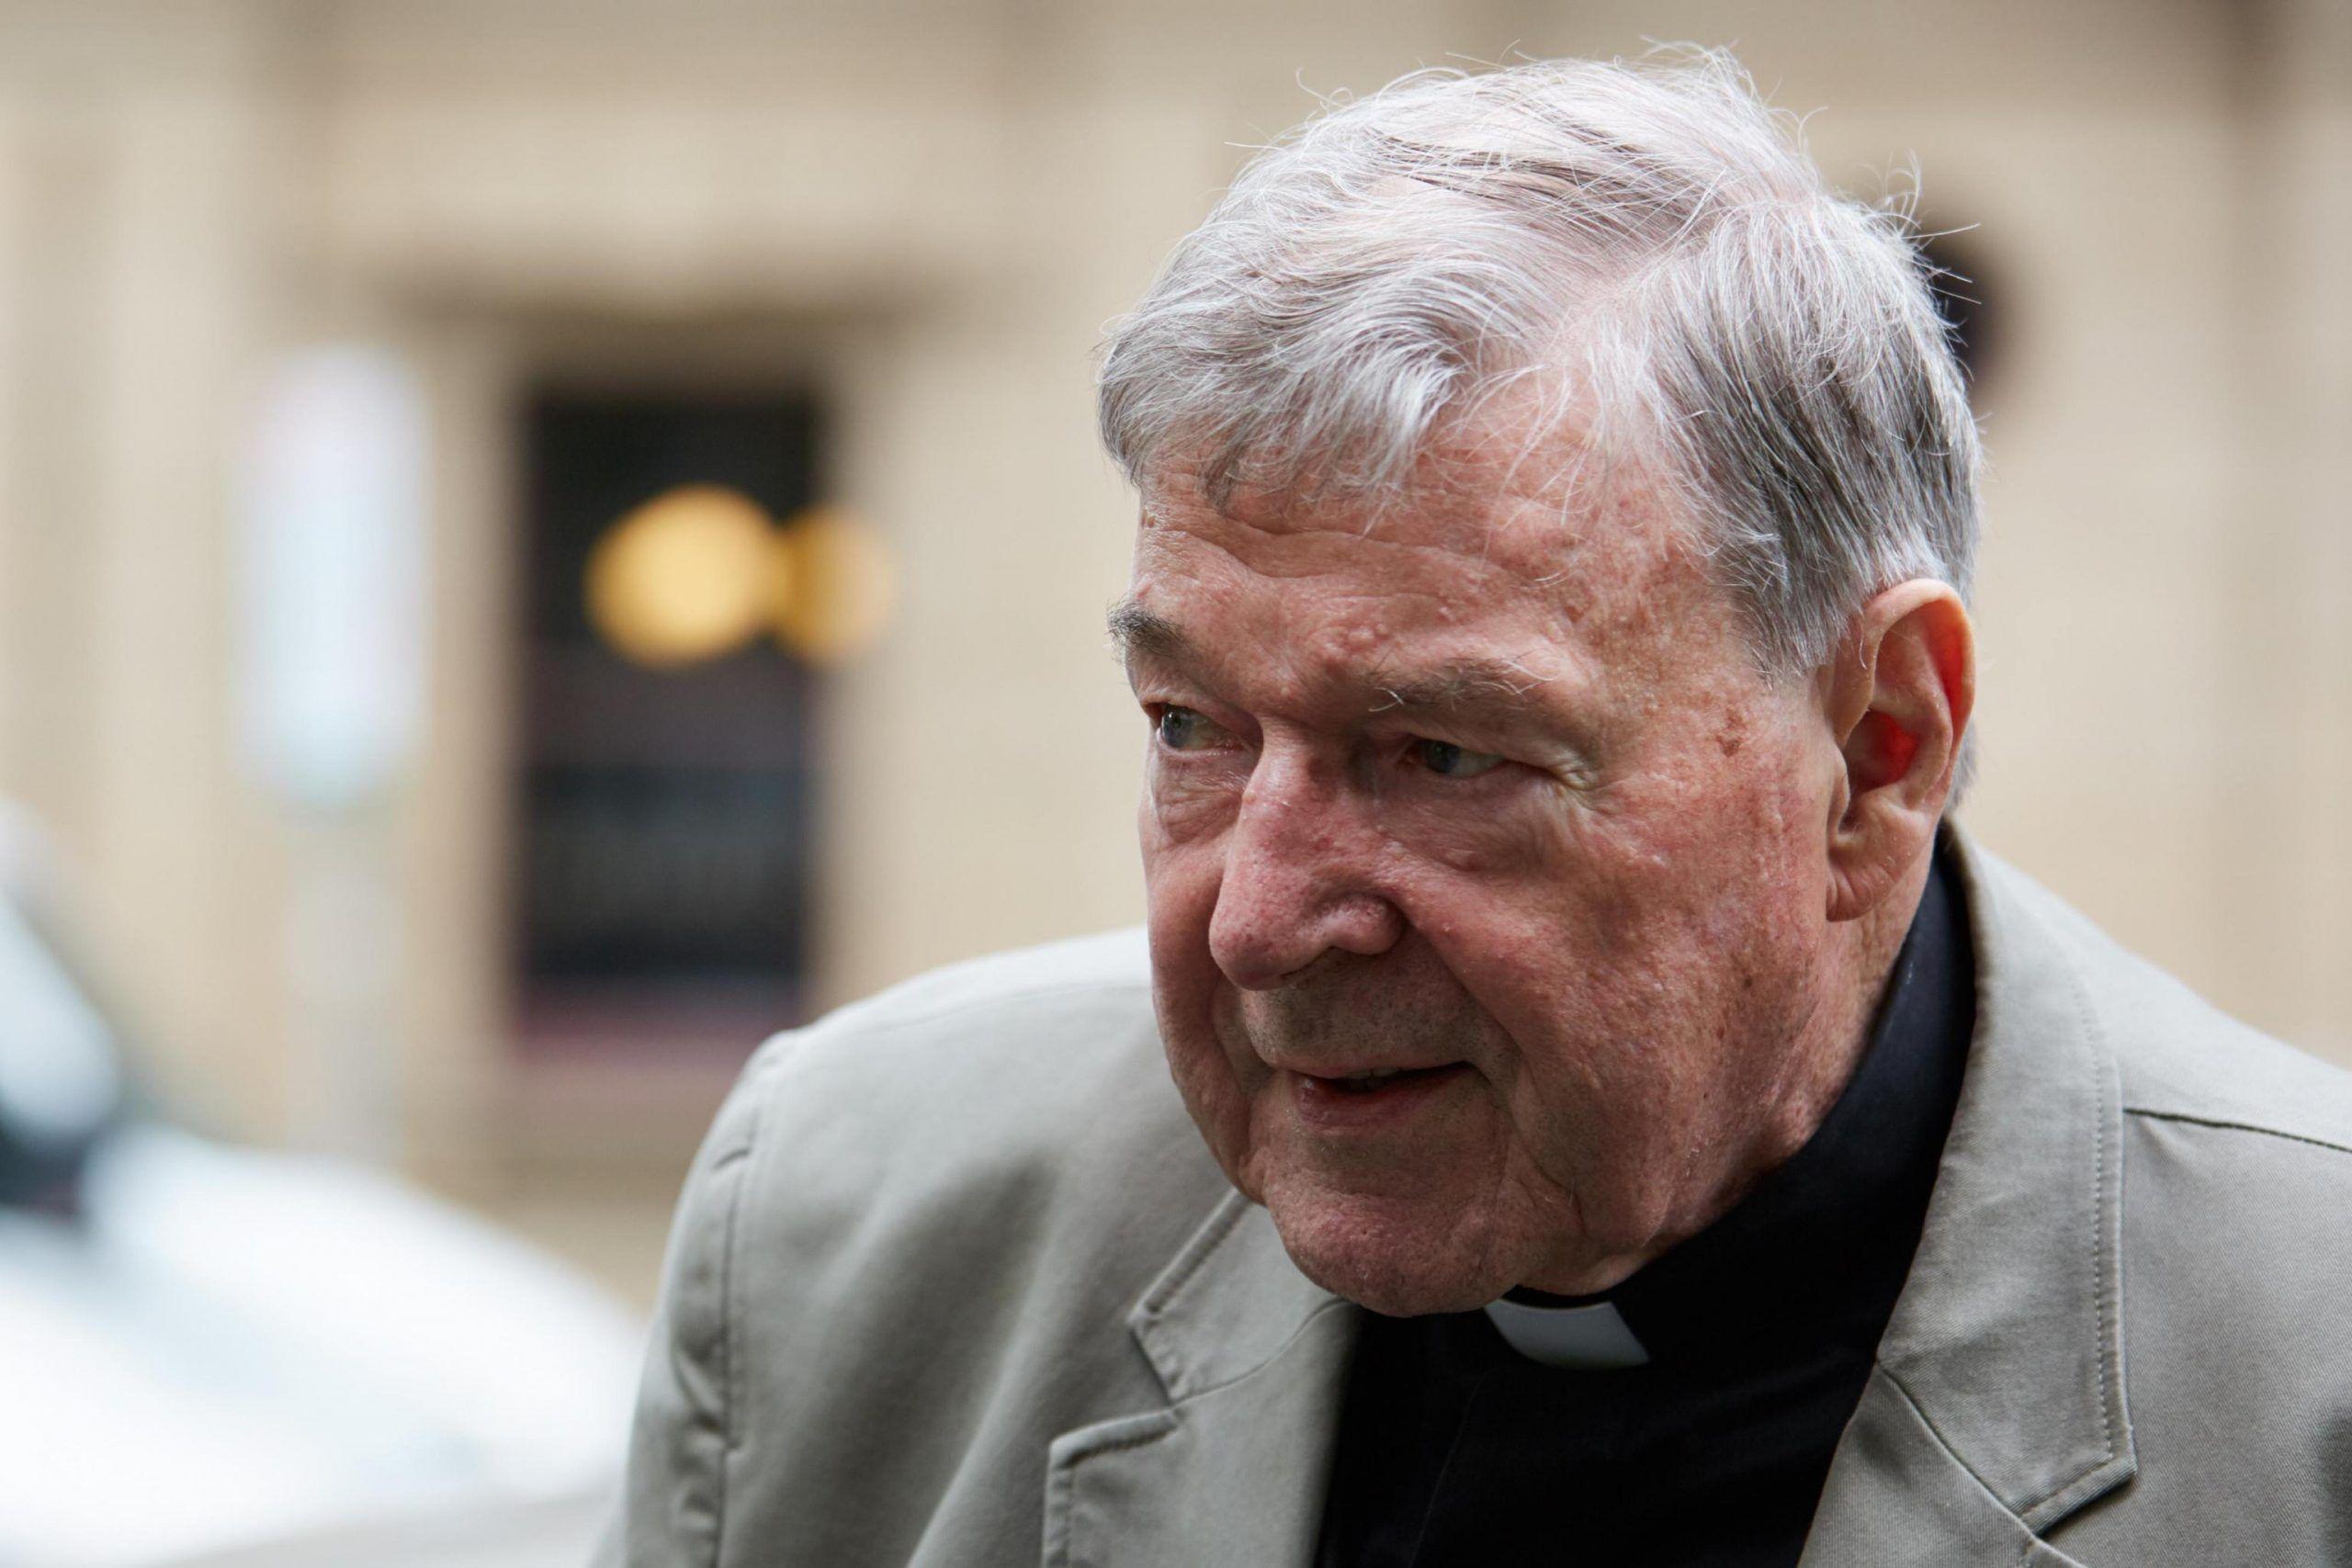 Pedofilia: il cardinale Pell giudicato colpevole di abusi in Australia